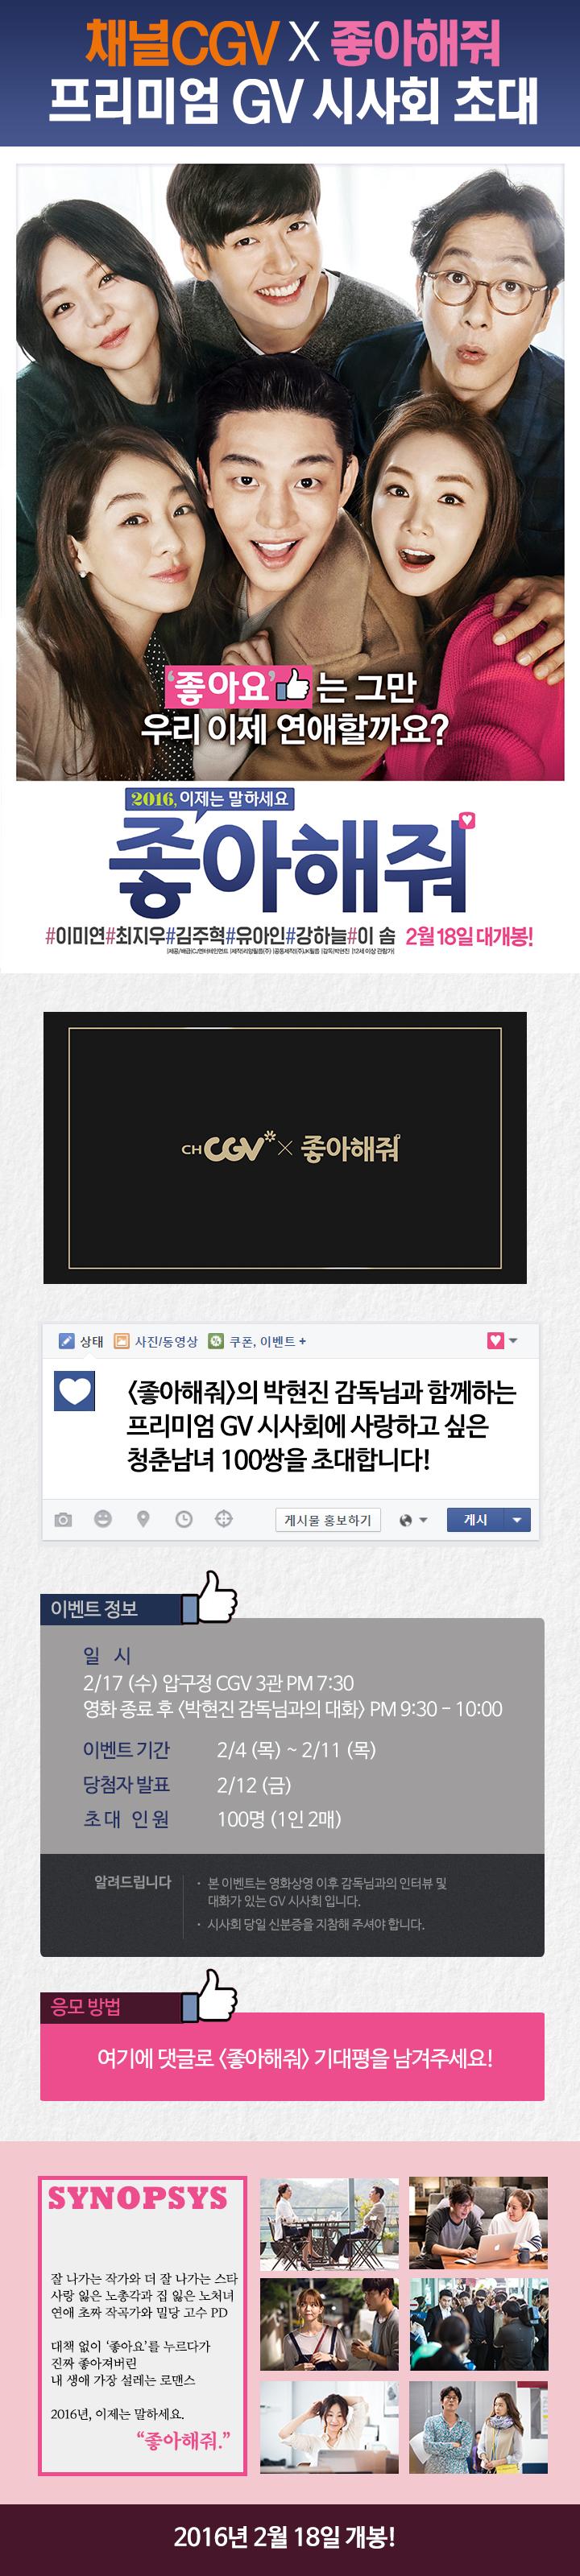 채널CGV 좋아해줘 프리미엄 GV 시사회 초대